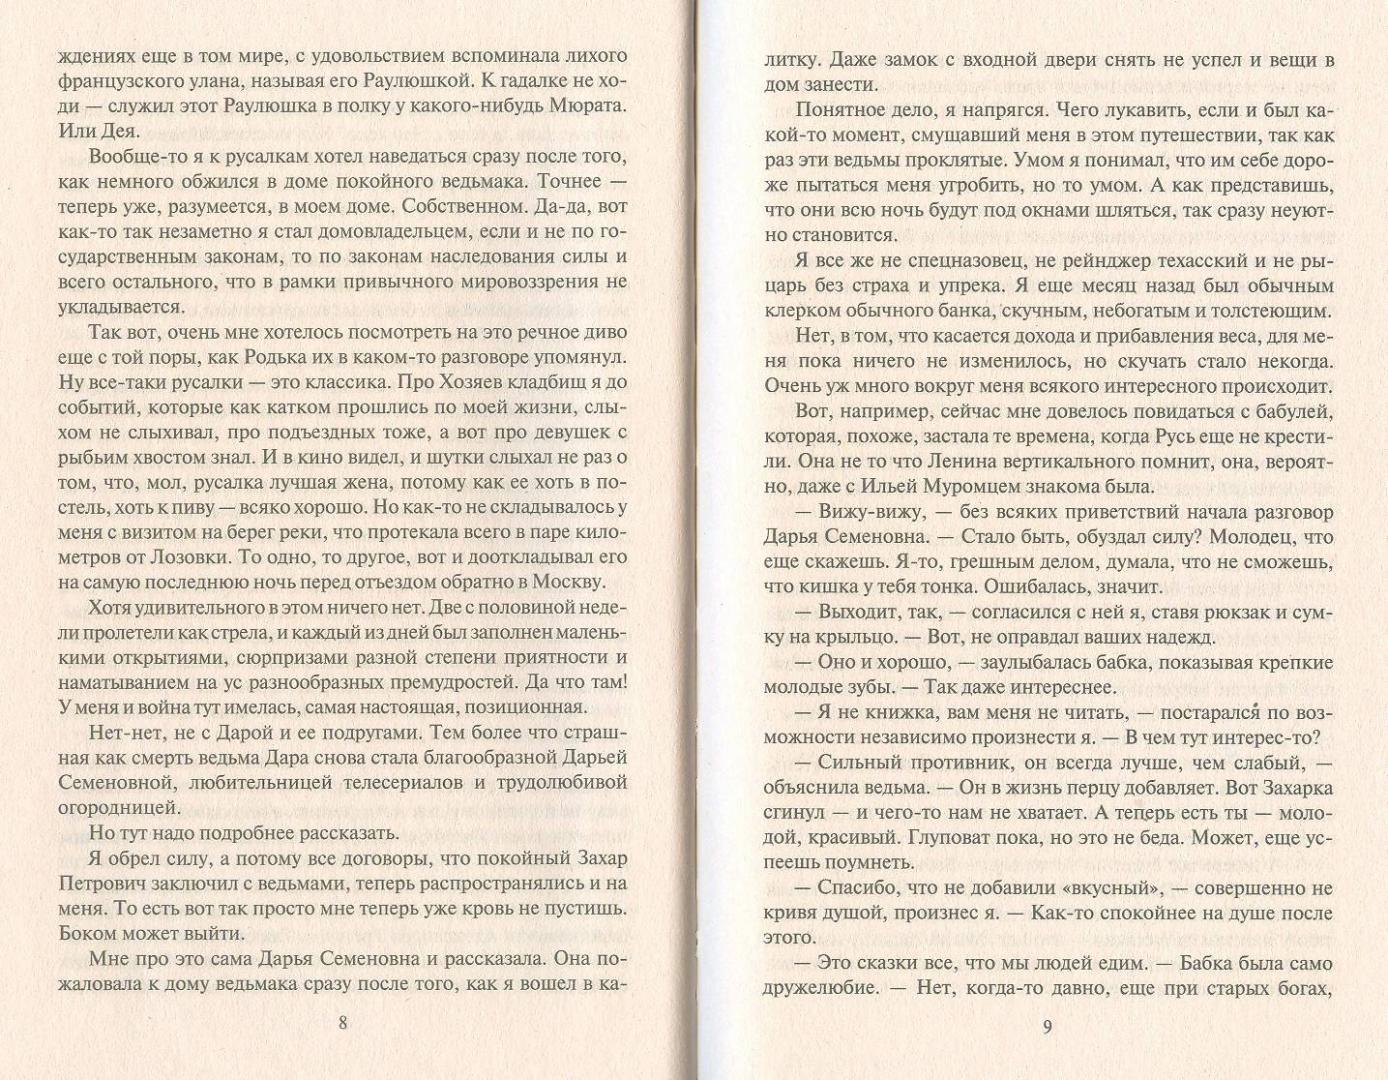 Иллюстрация 25 из 30 для Знаки Ночи - Андрей Васильев | Лабиринт - книги. Источник: Яровая Ирина